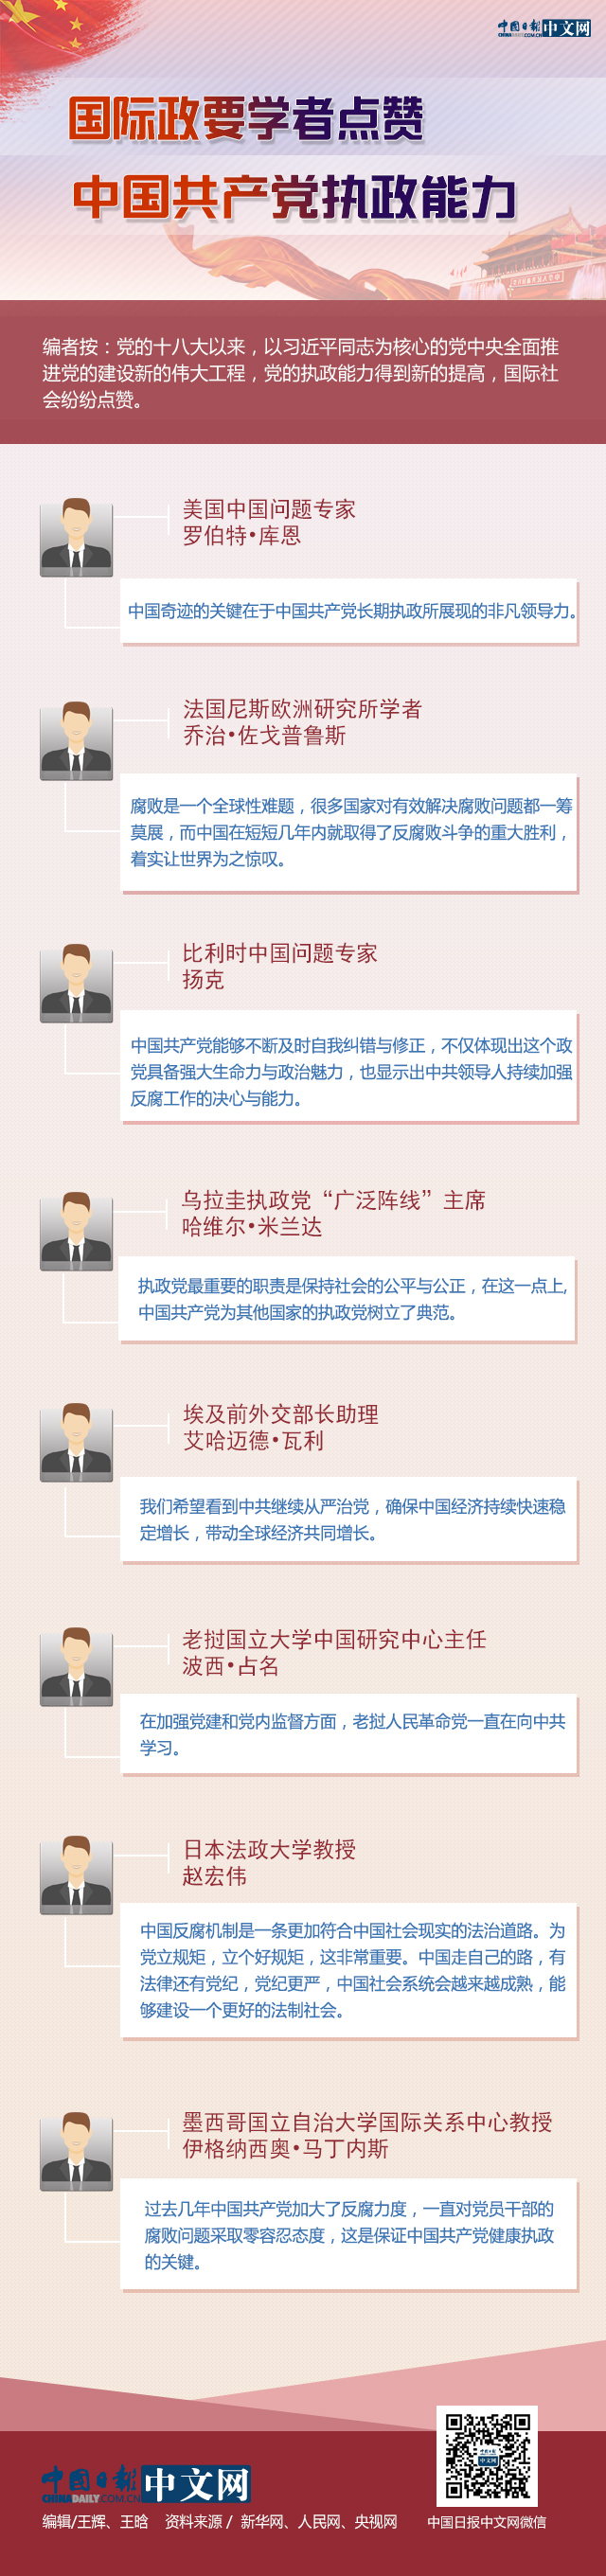 【理上网来・喜迎十九大】国际政要学者点赞中国共产党执政能力